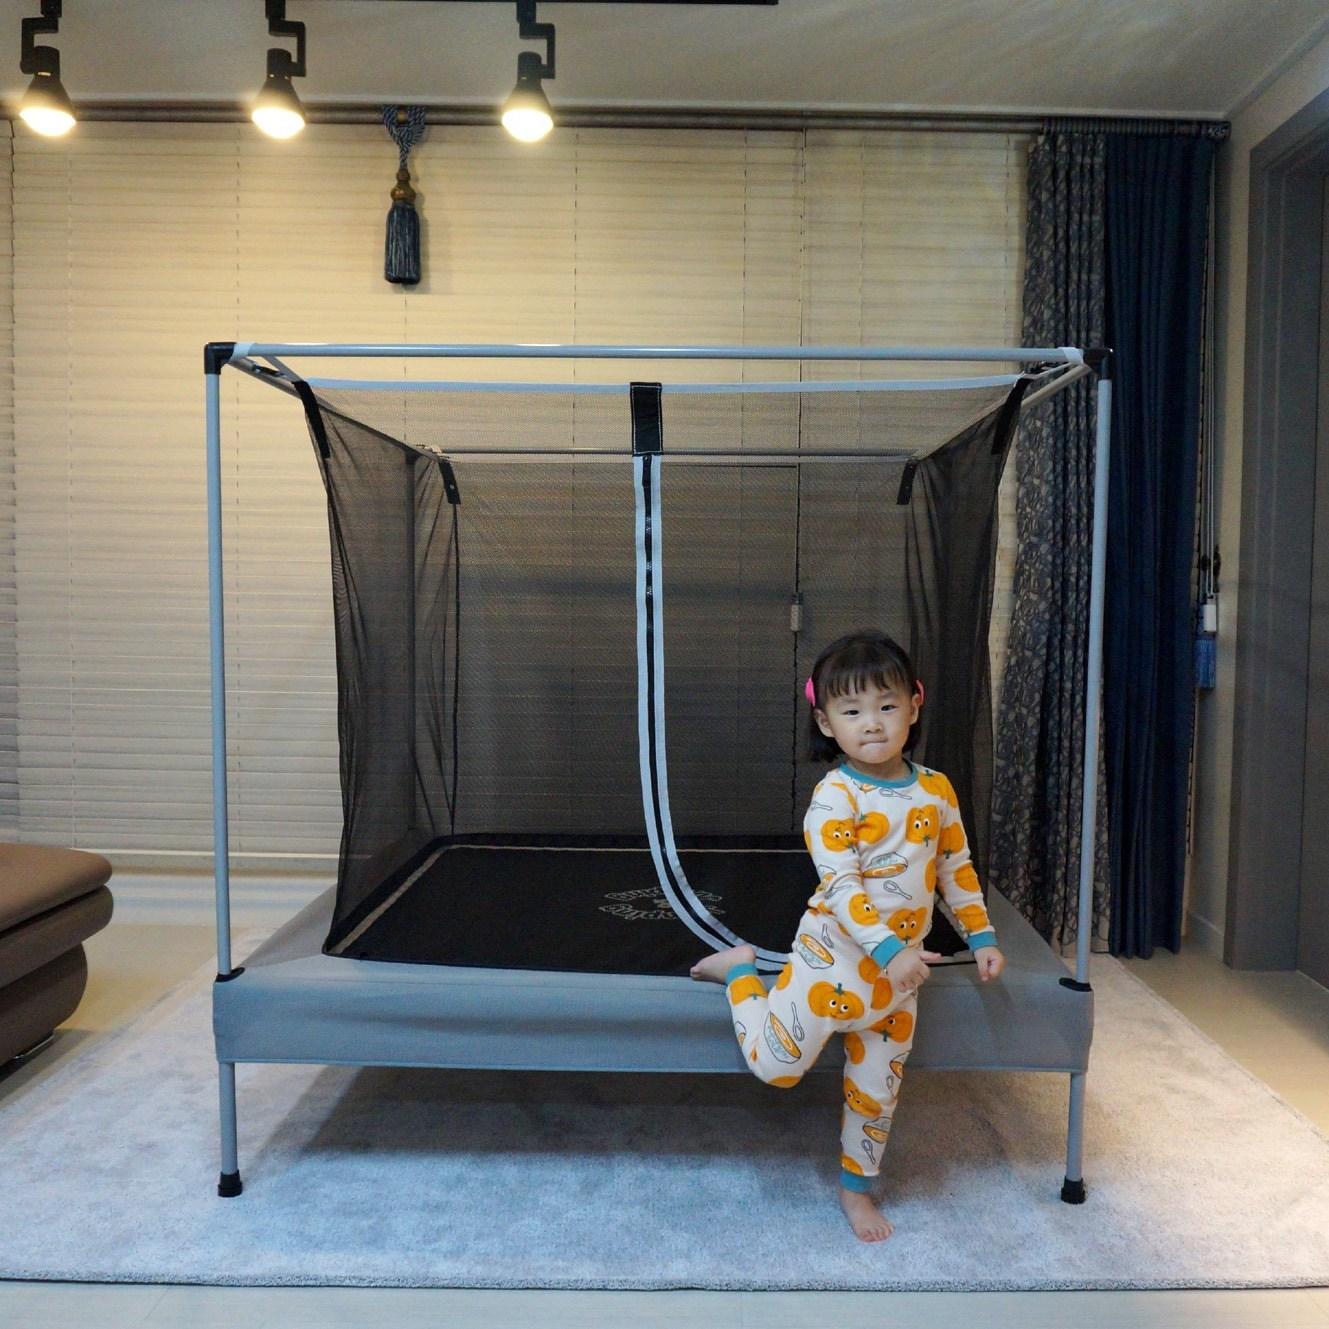 점핑앤점핑 유아 아기 어린이 트램폴린 점핑 방방이 콩콩이 트램블린 트램펄린, 그레이